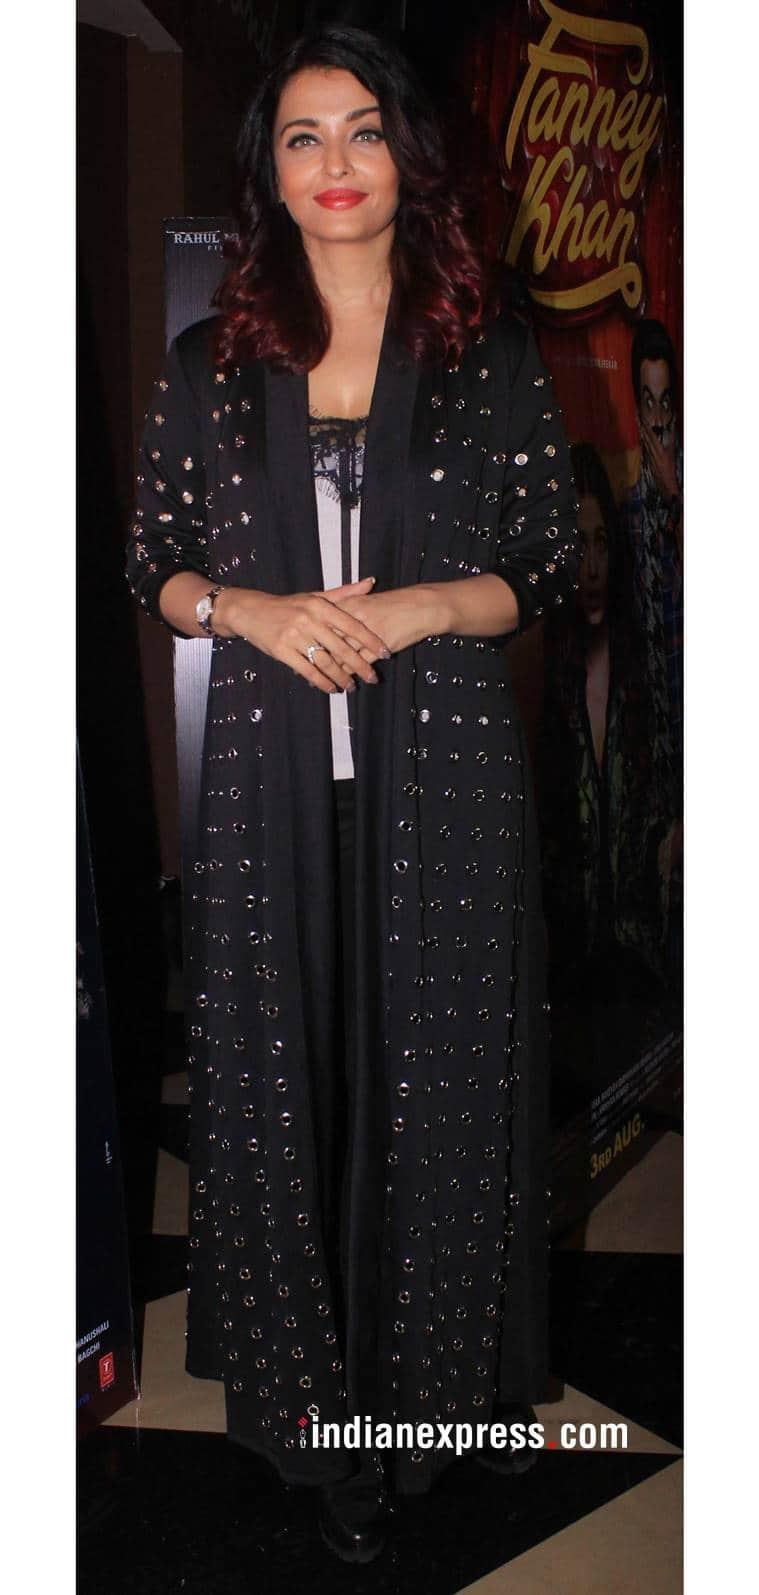 Aishwarya Rai Bachchan, Aishwarya Rai Bachchan latest photos, Aishwarya Rai Bachchan fashion, Aishwarya Rai Bachchan Fanney Khan, Fanney Khan promotions, indian express, indian express news